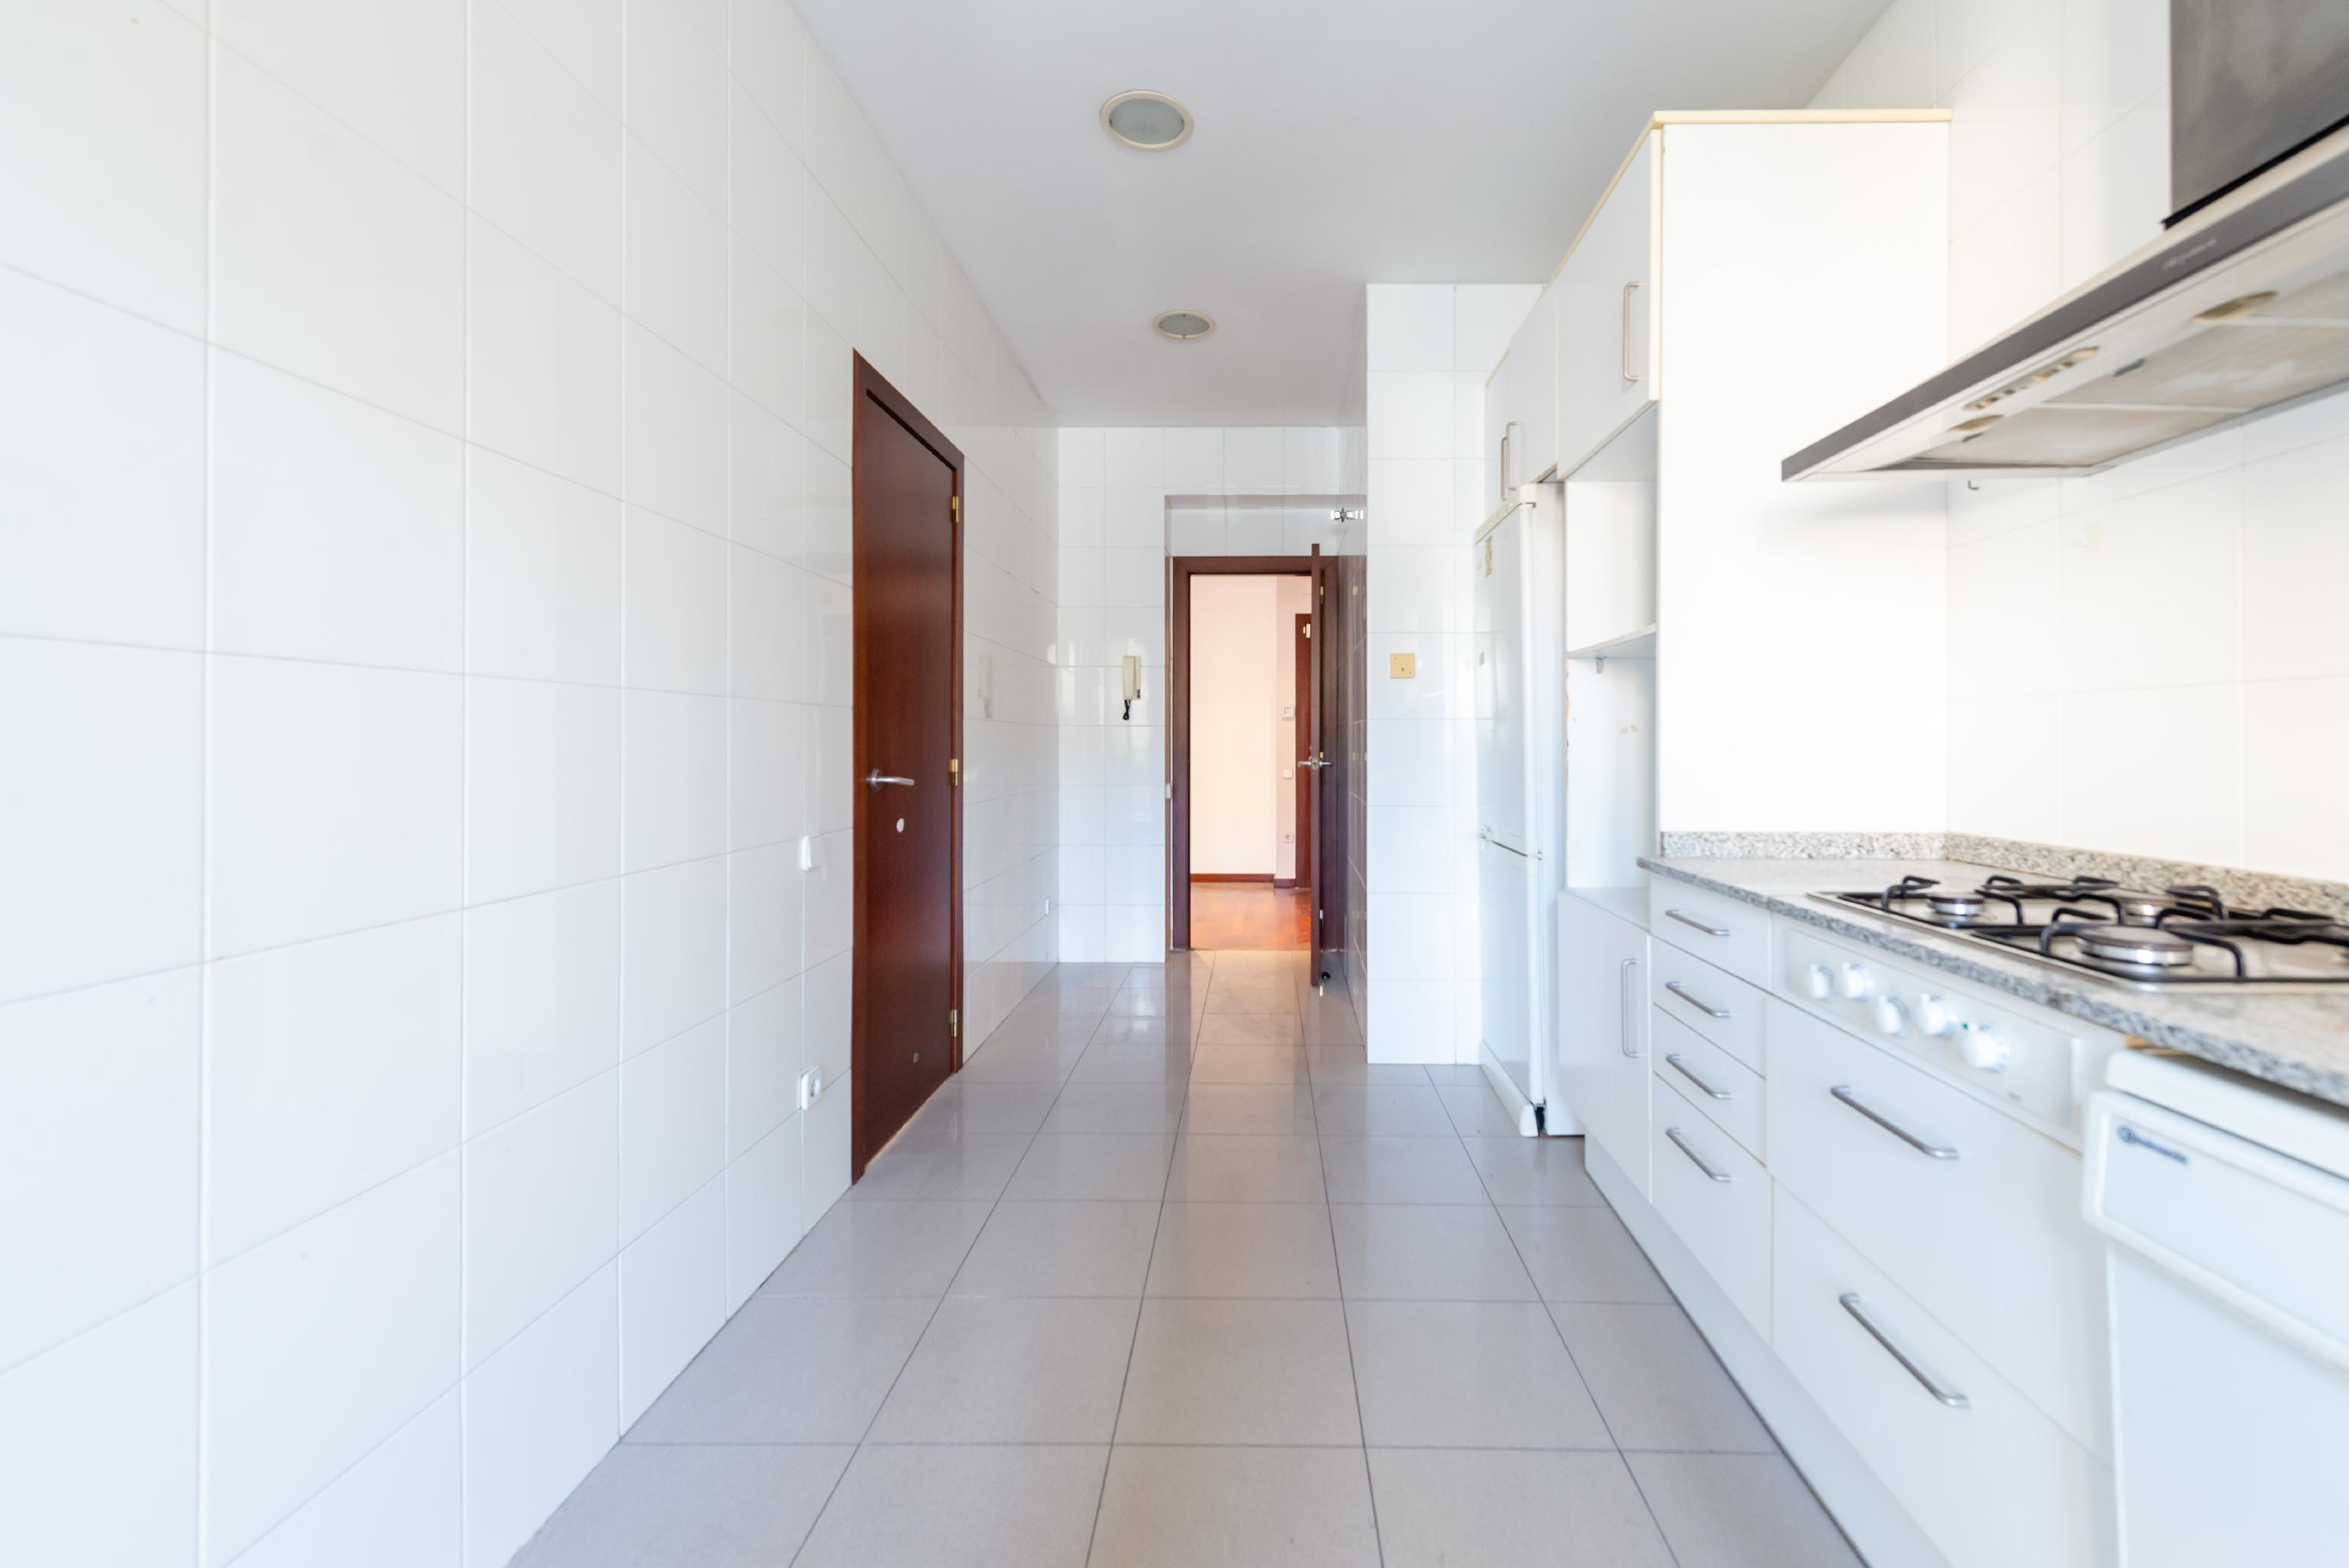 246020 Flat for sale in Sarrià-Sant Gervasi, Sarrià 7